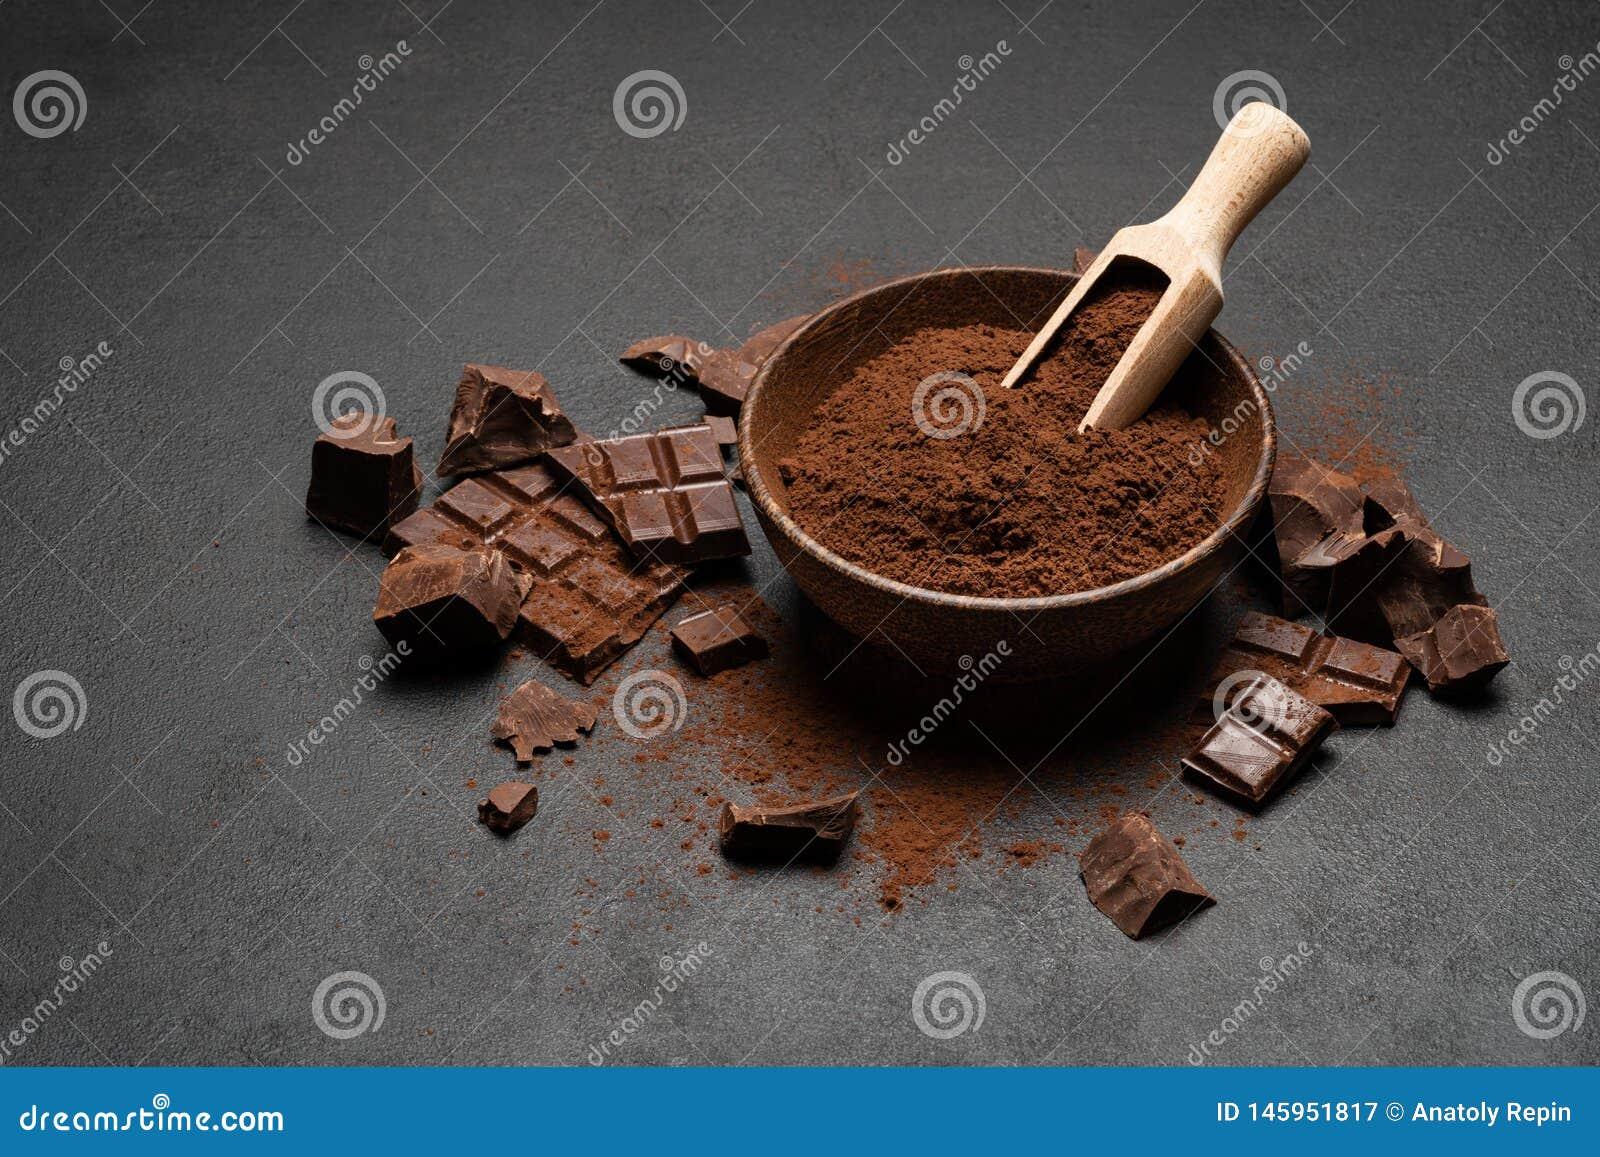 Τα σκοτεινά χοντρά κομμάτια και το κακάο σοκολάτας κονιοποιούν στην ξύλινη σέσουλα στο σκοτεινό συγκεκριμένο υπόβαθρο